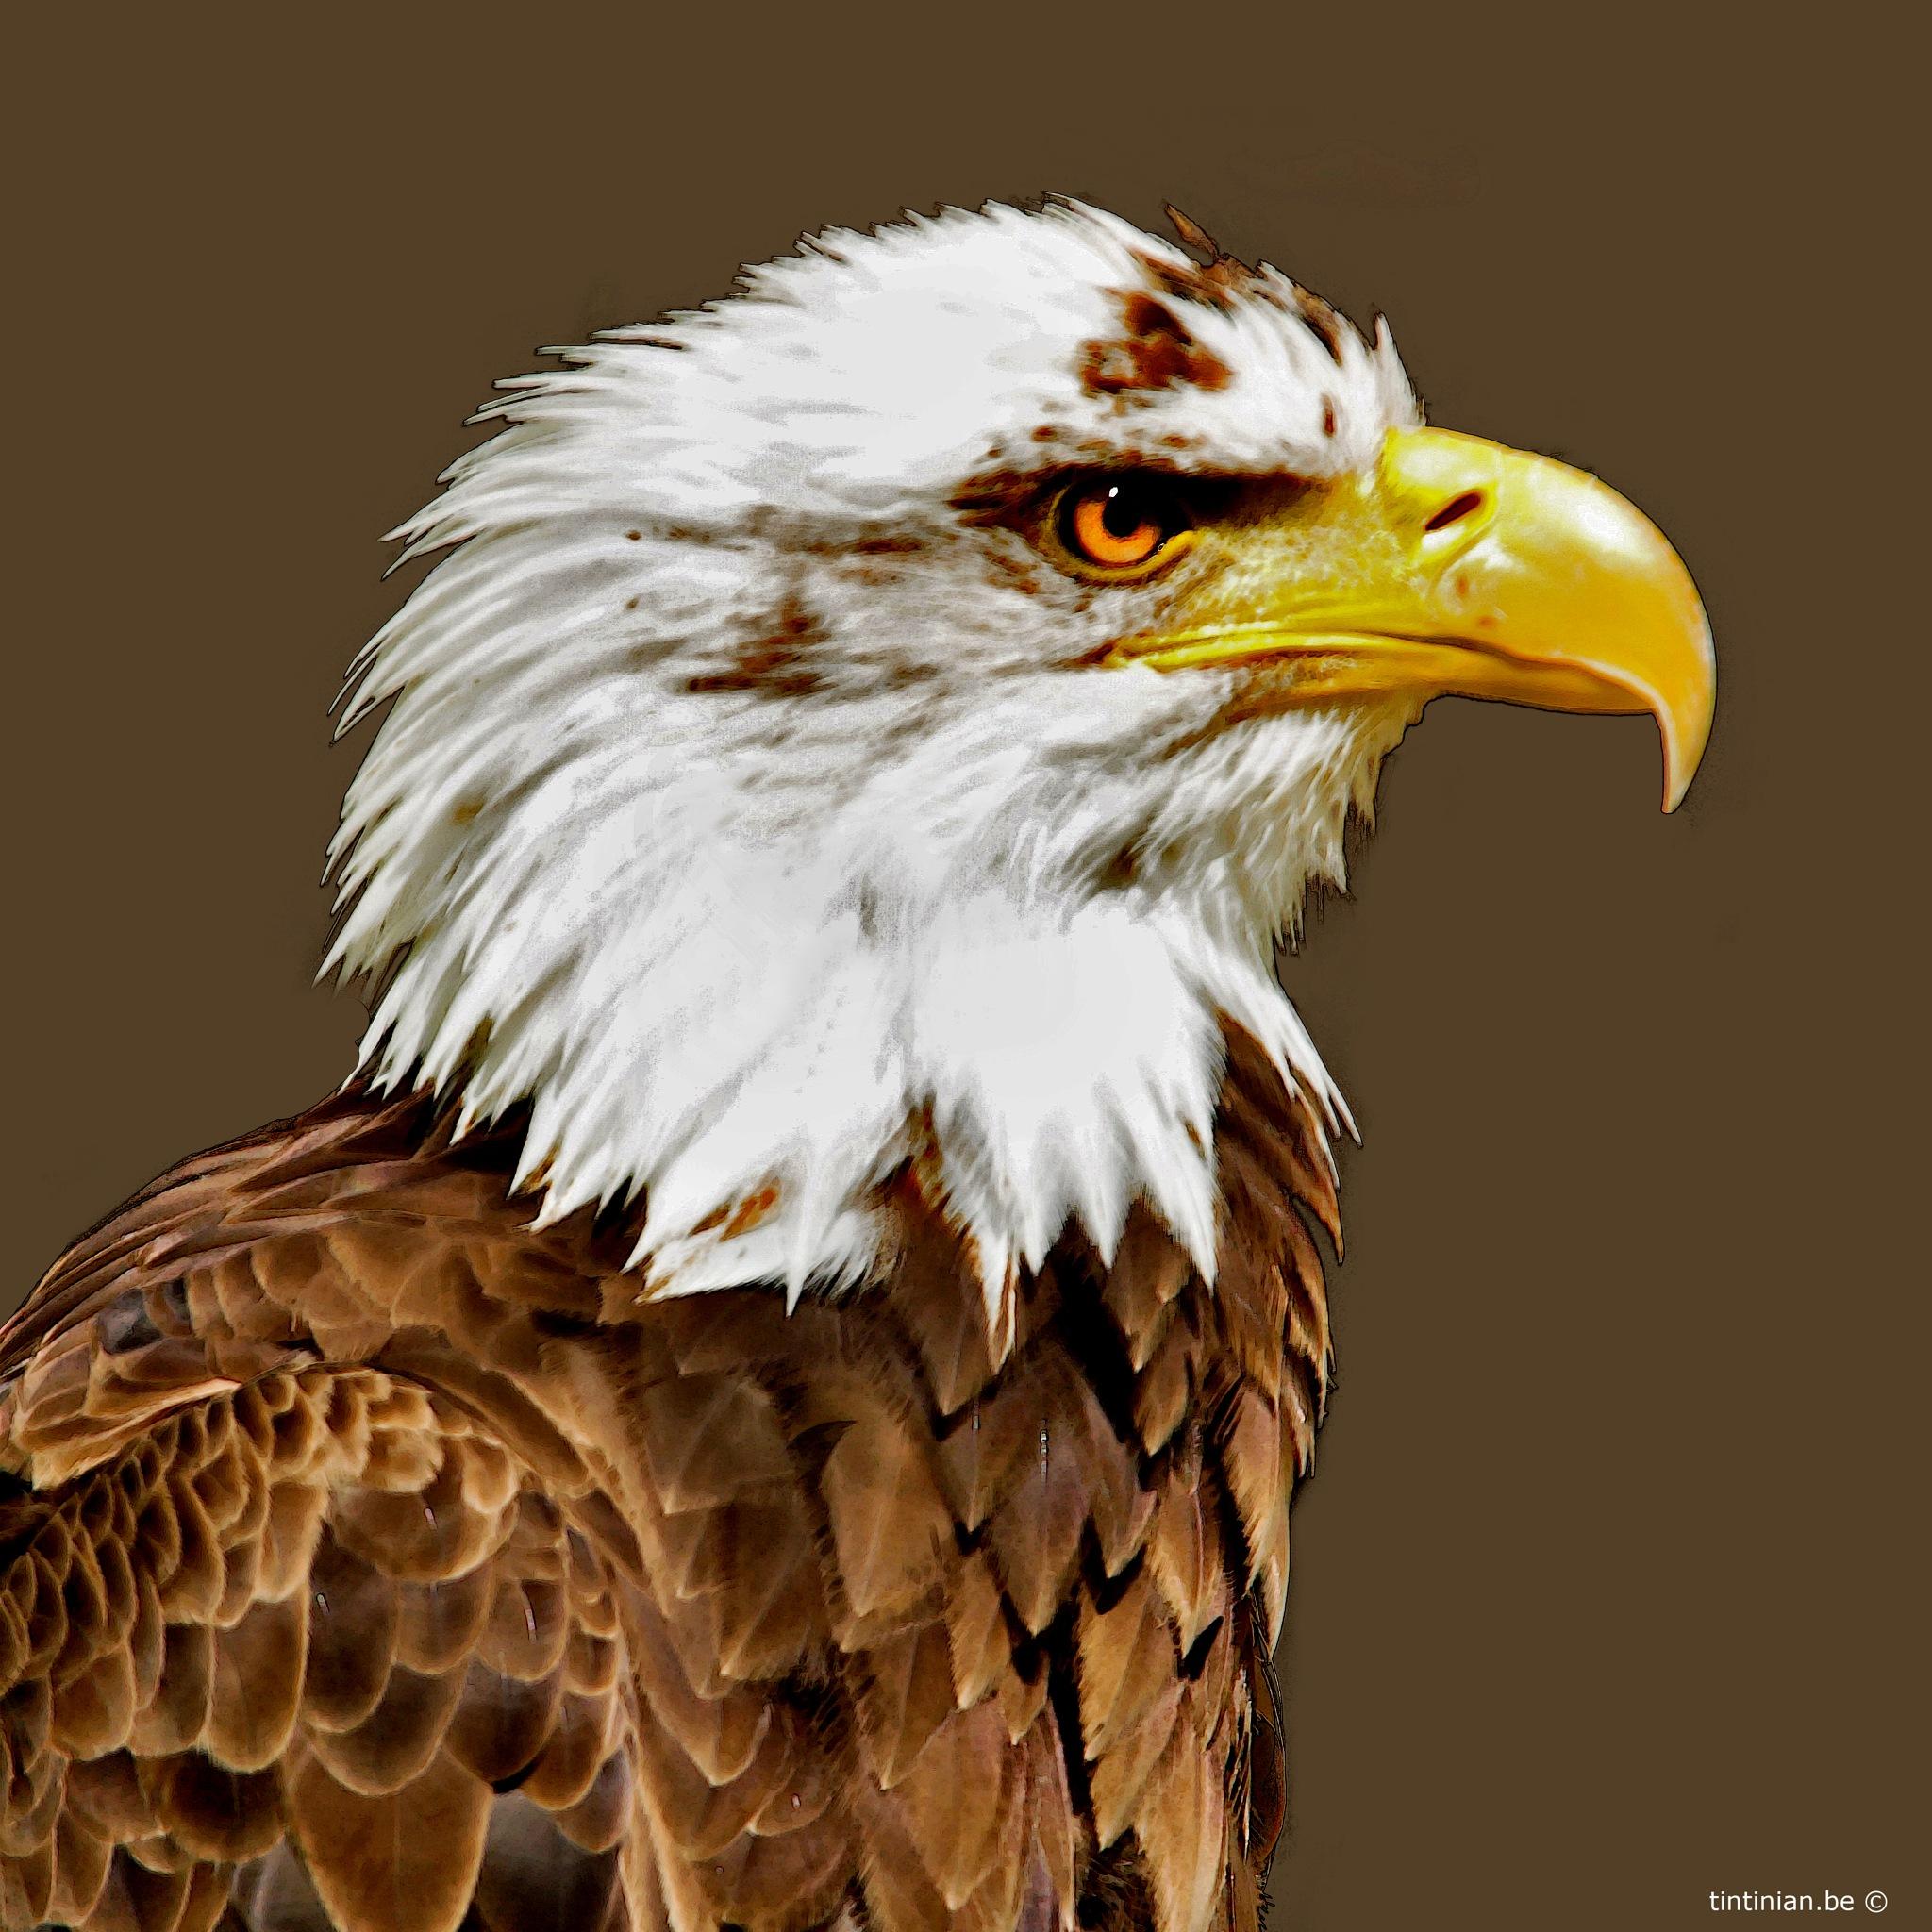 eagle by Etienne de Maeyer